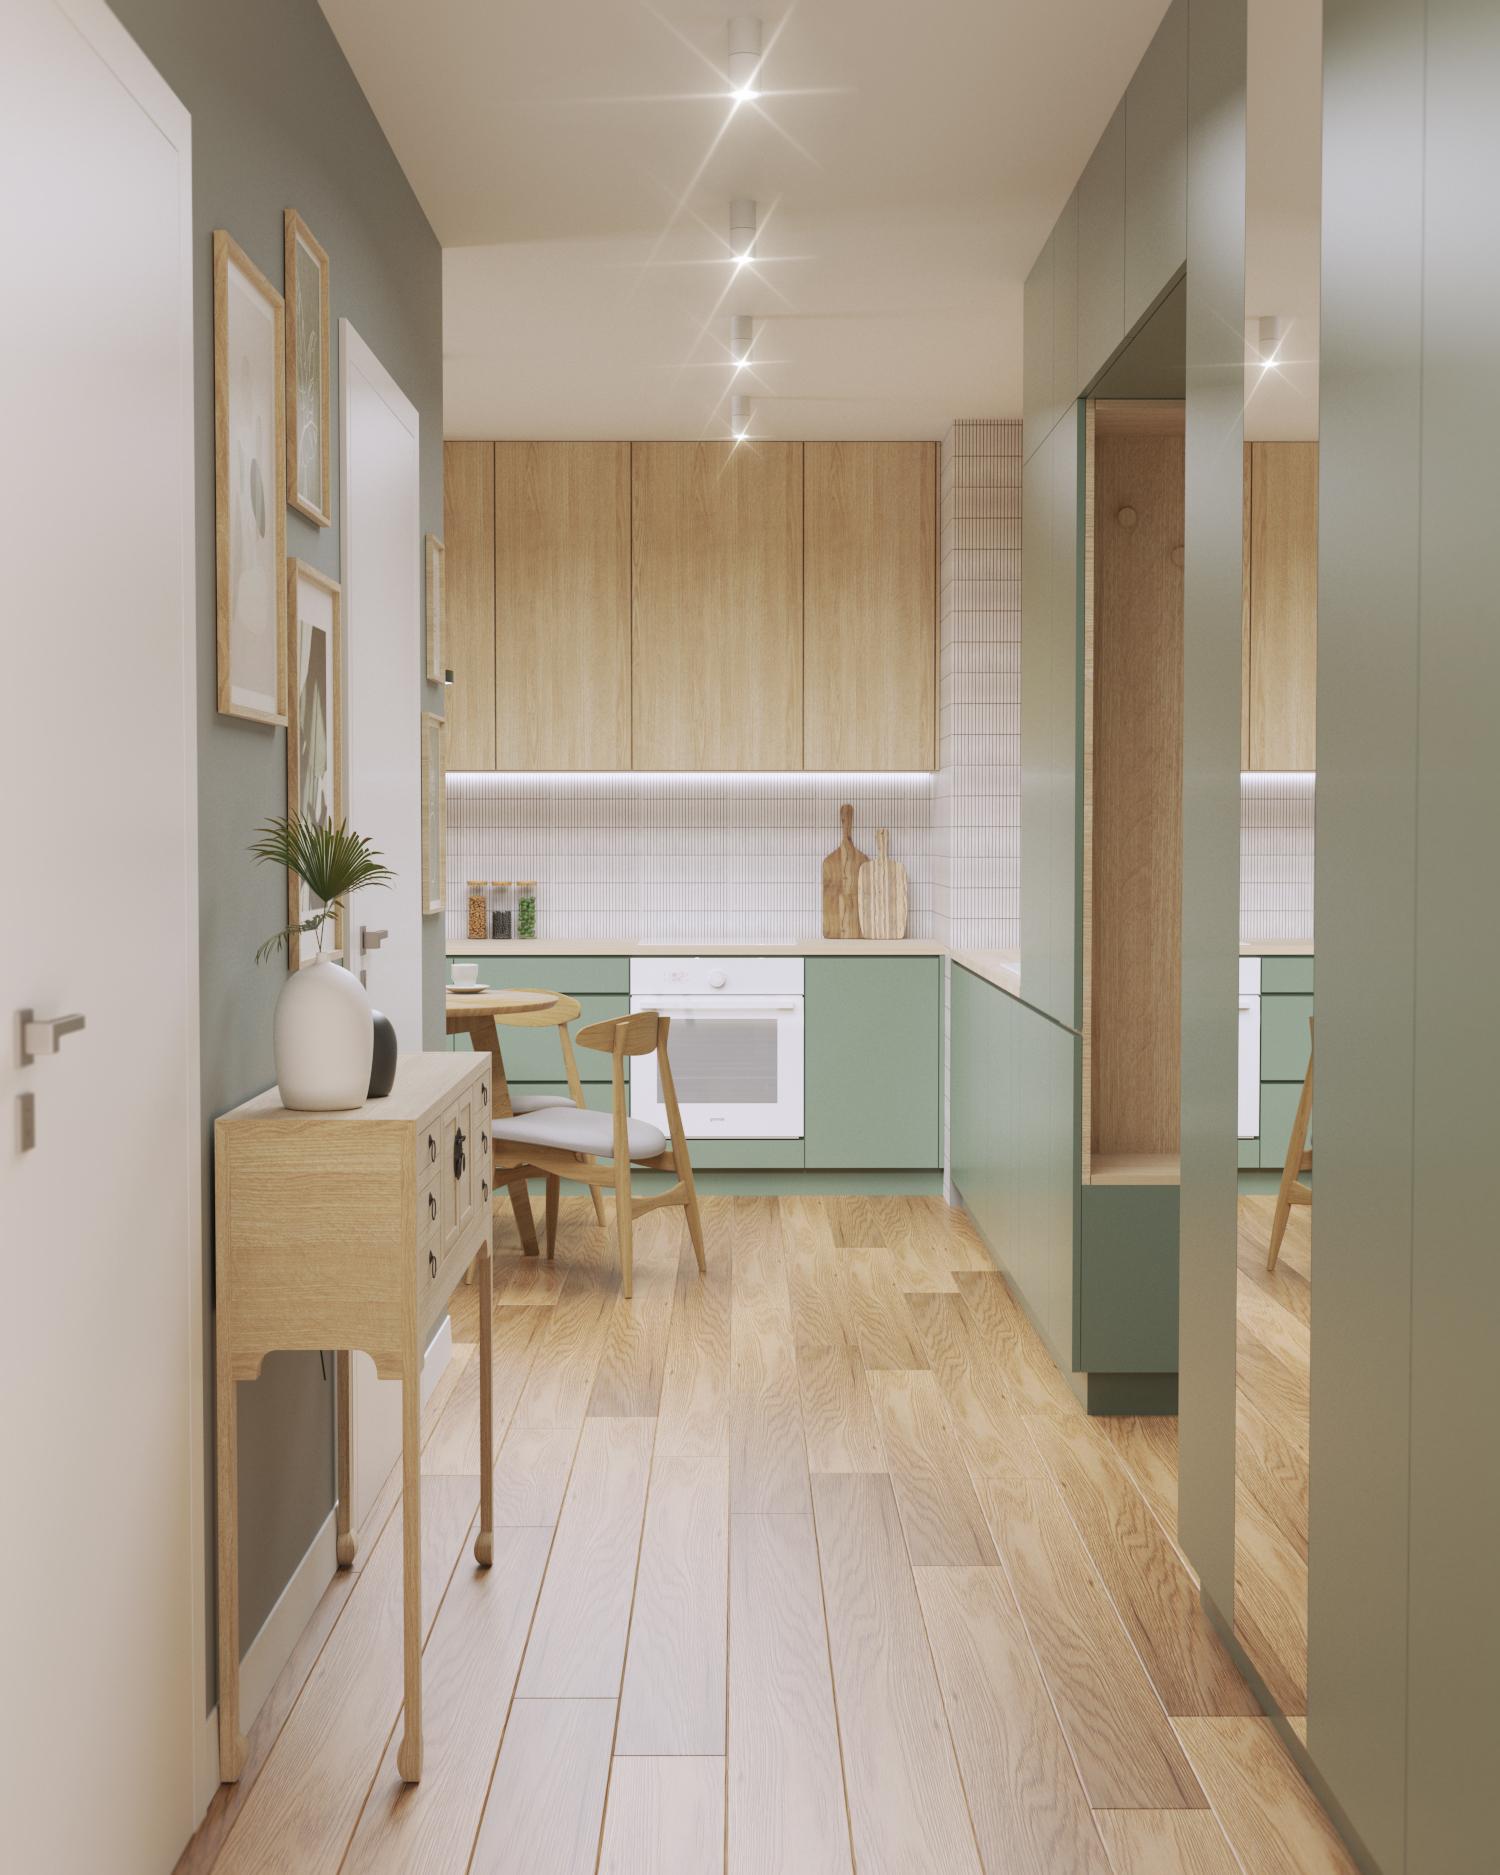 Zielona, jasna kuchnia z mozaiką nad blatem, raw decor